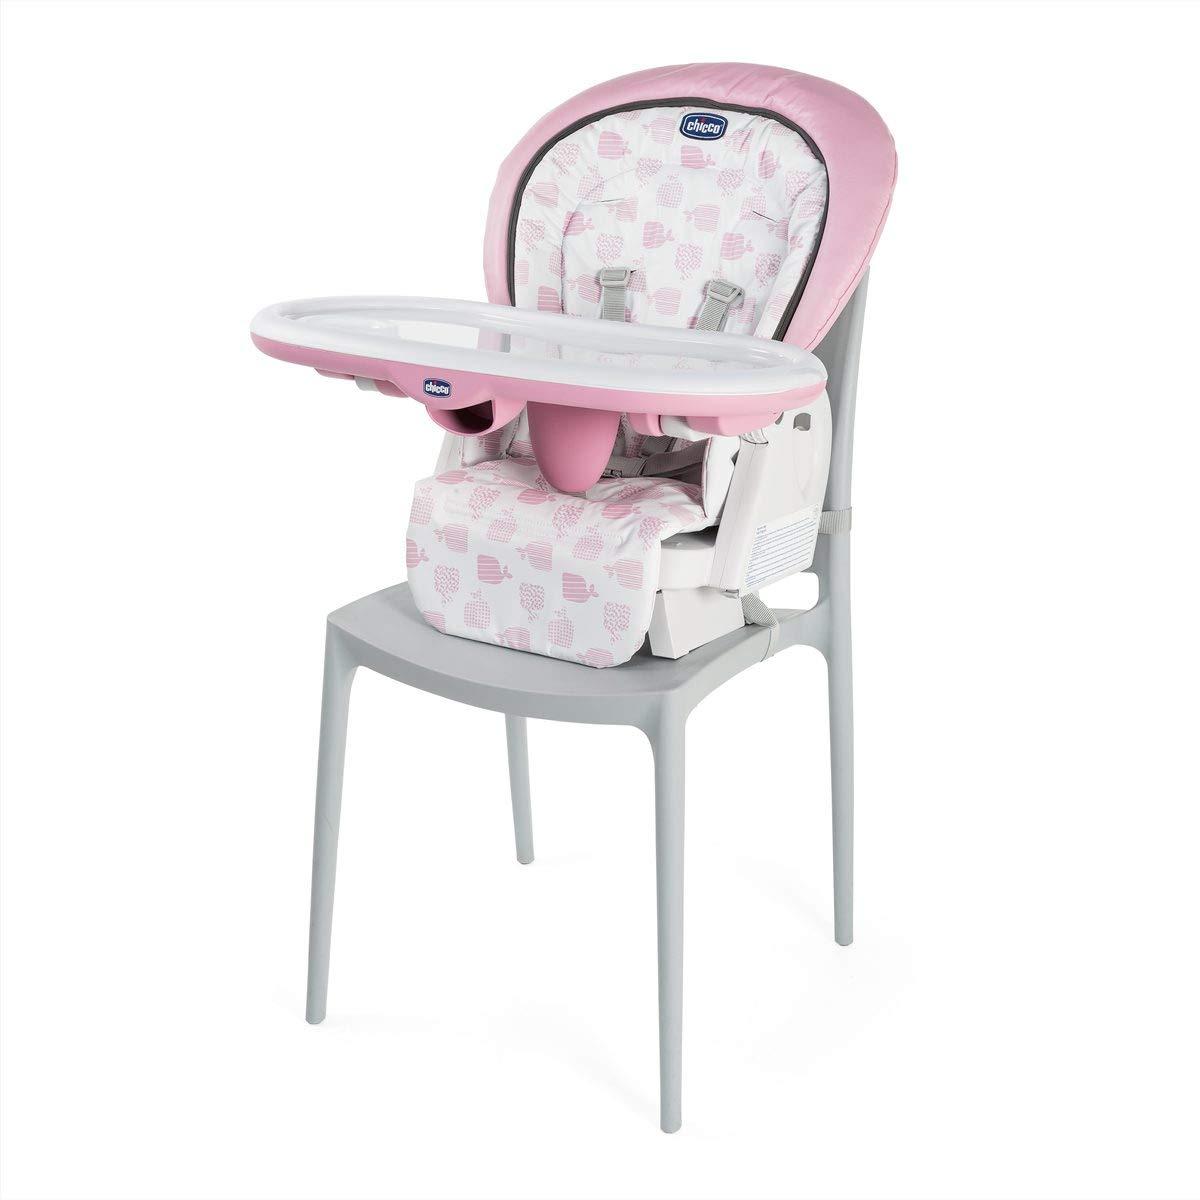 Chicco Chicco Polly Progres5 12400 g Pink 0 bis 3 Jahre mit 4 Rollen und Bremse verstellbar kompakt Hochstuhl 1 St/ück Rosa bedruckt mit B/ällen